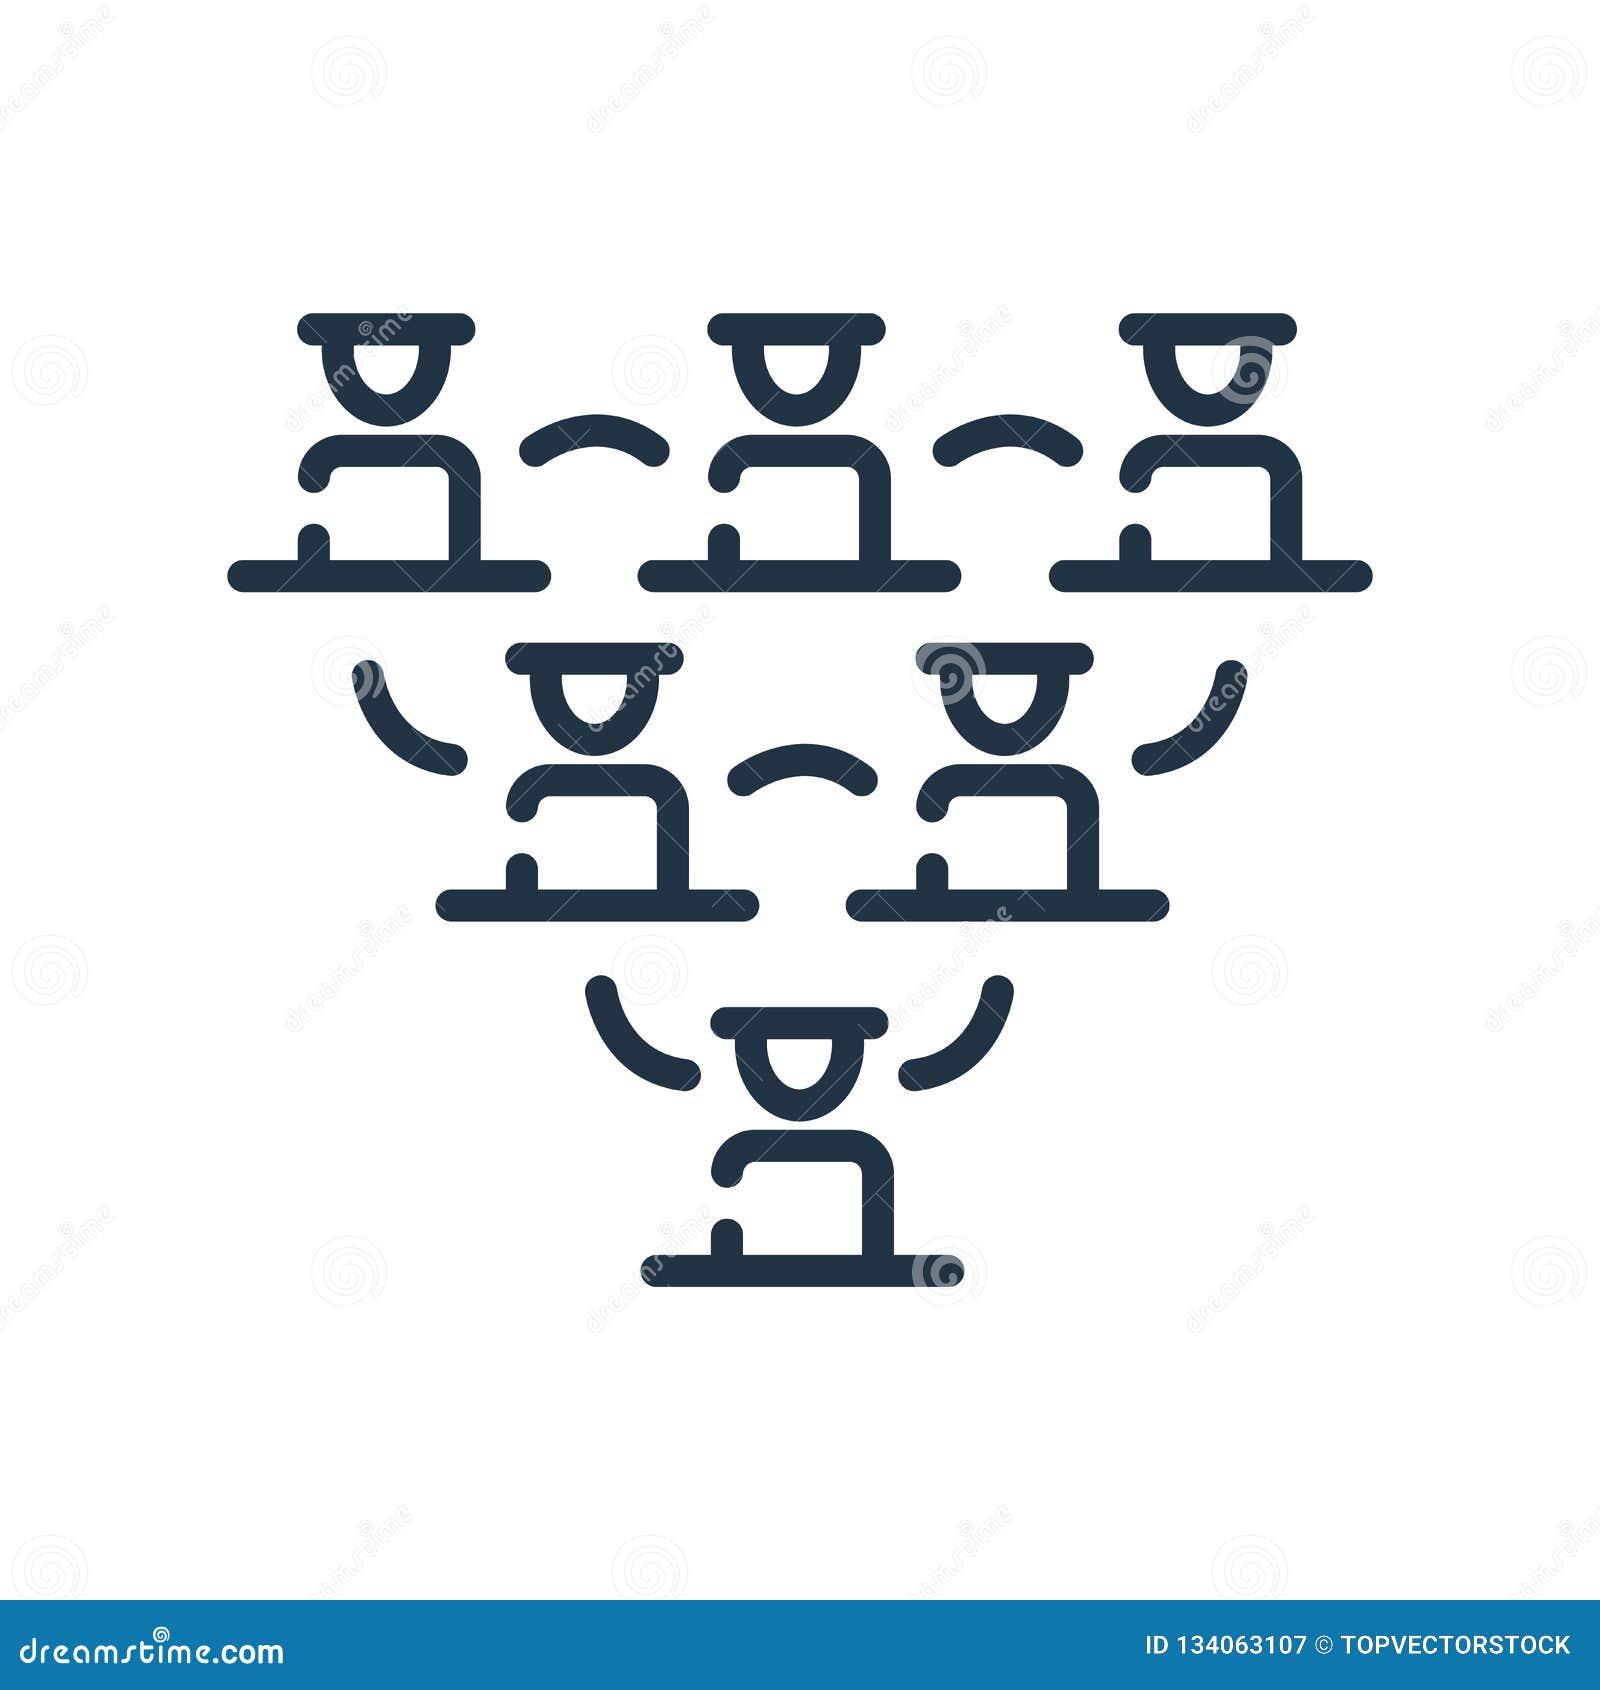 Ιεραρχικό διάνυσμα εικονιδίων δομών που απομονώνεται στο άσπρο υπόβαθρο, το ιεραρχικό σημάδι δομών, το σύμβολο γραμμών ή το γραμμ